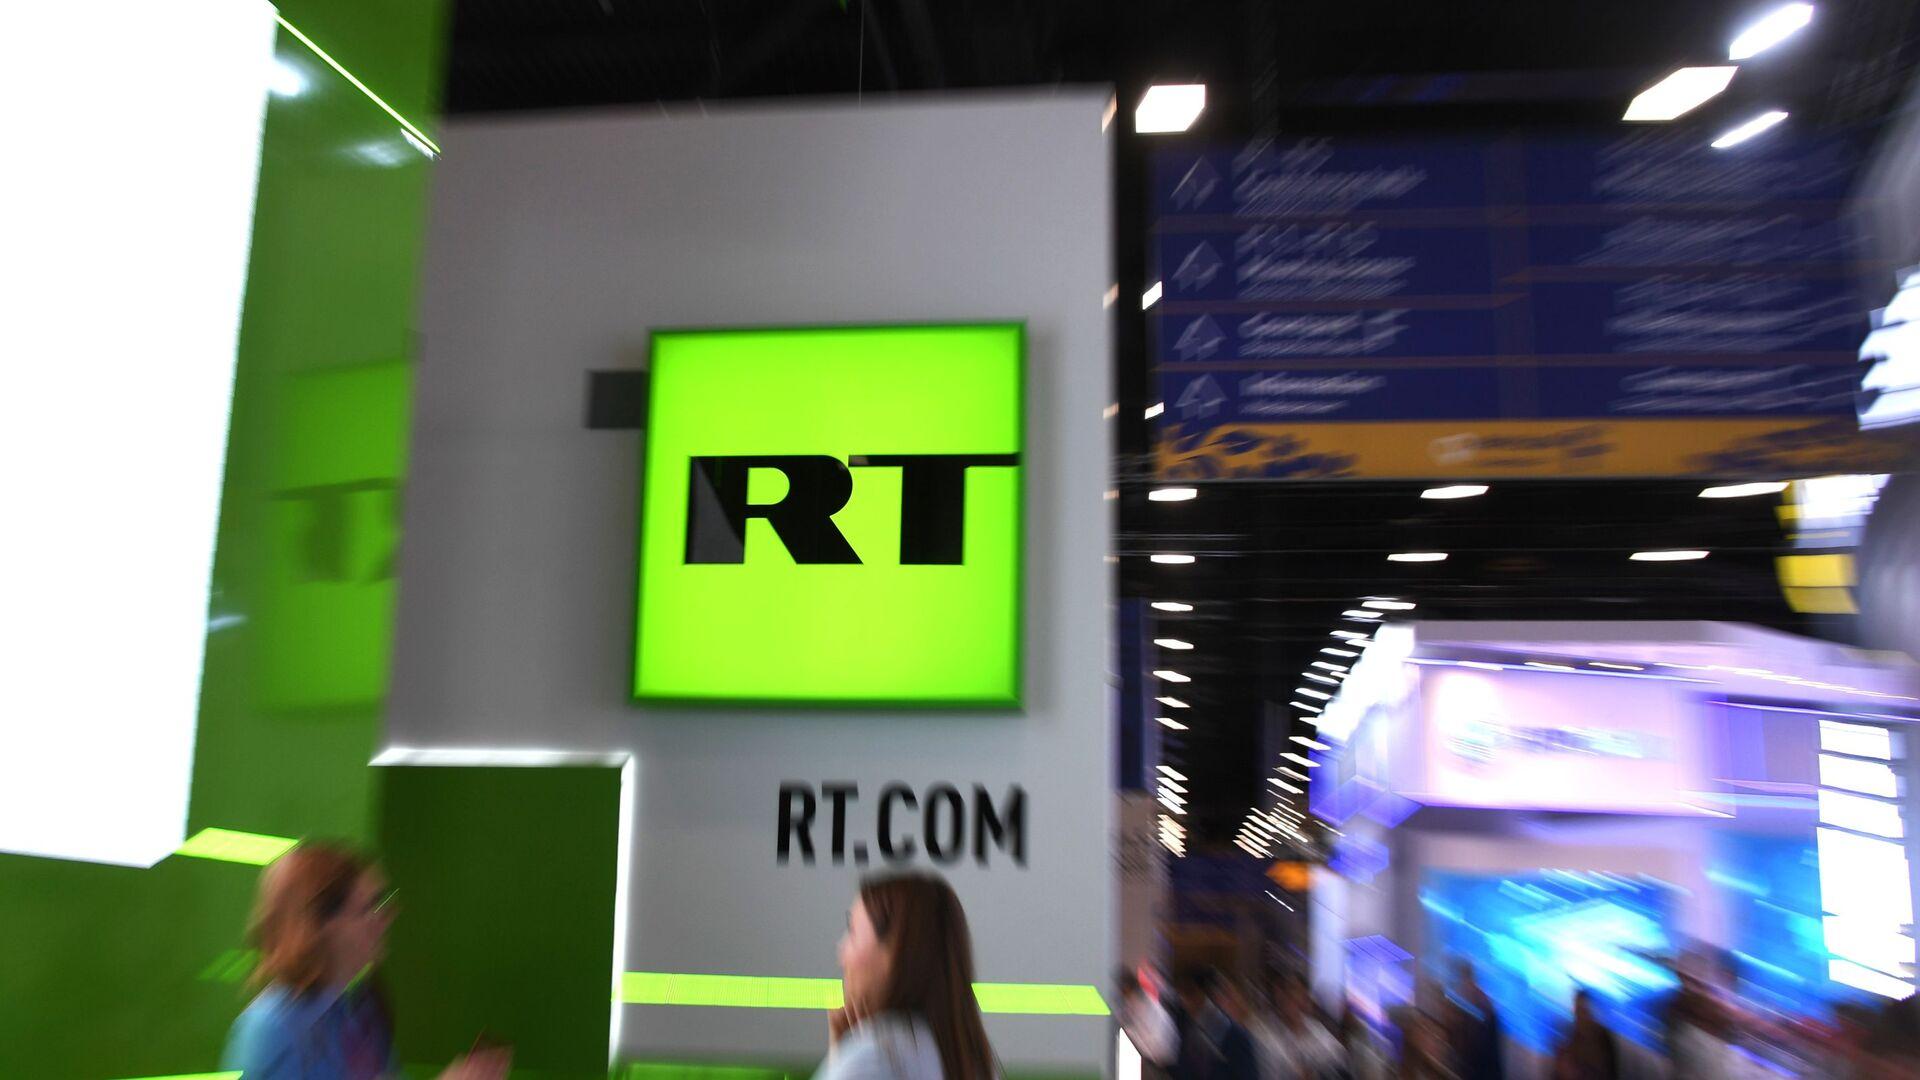 Логотип РТ на Петербуршком економском форуму 2019. - Sputnik Србија, 1920, 28.09.2021